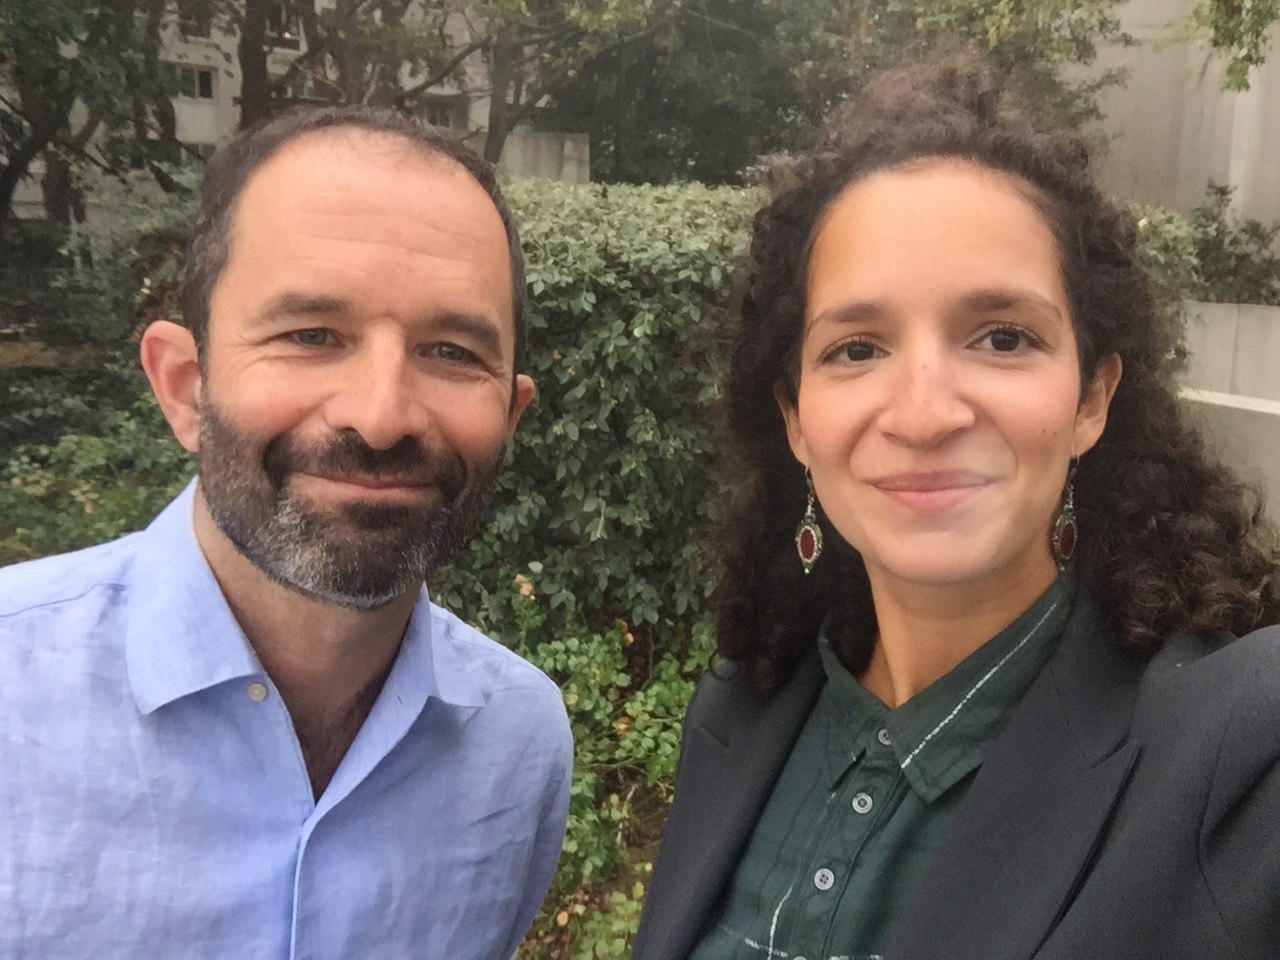 Benoît Hamon : le podcast est « un supplément d'intelligence » ⋆ Podmust